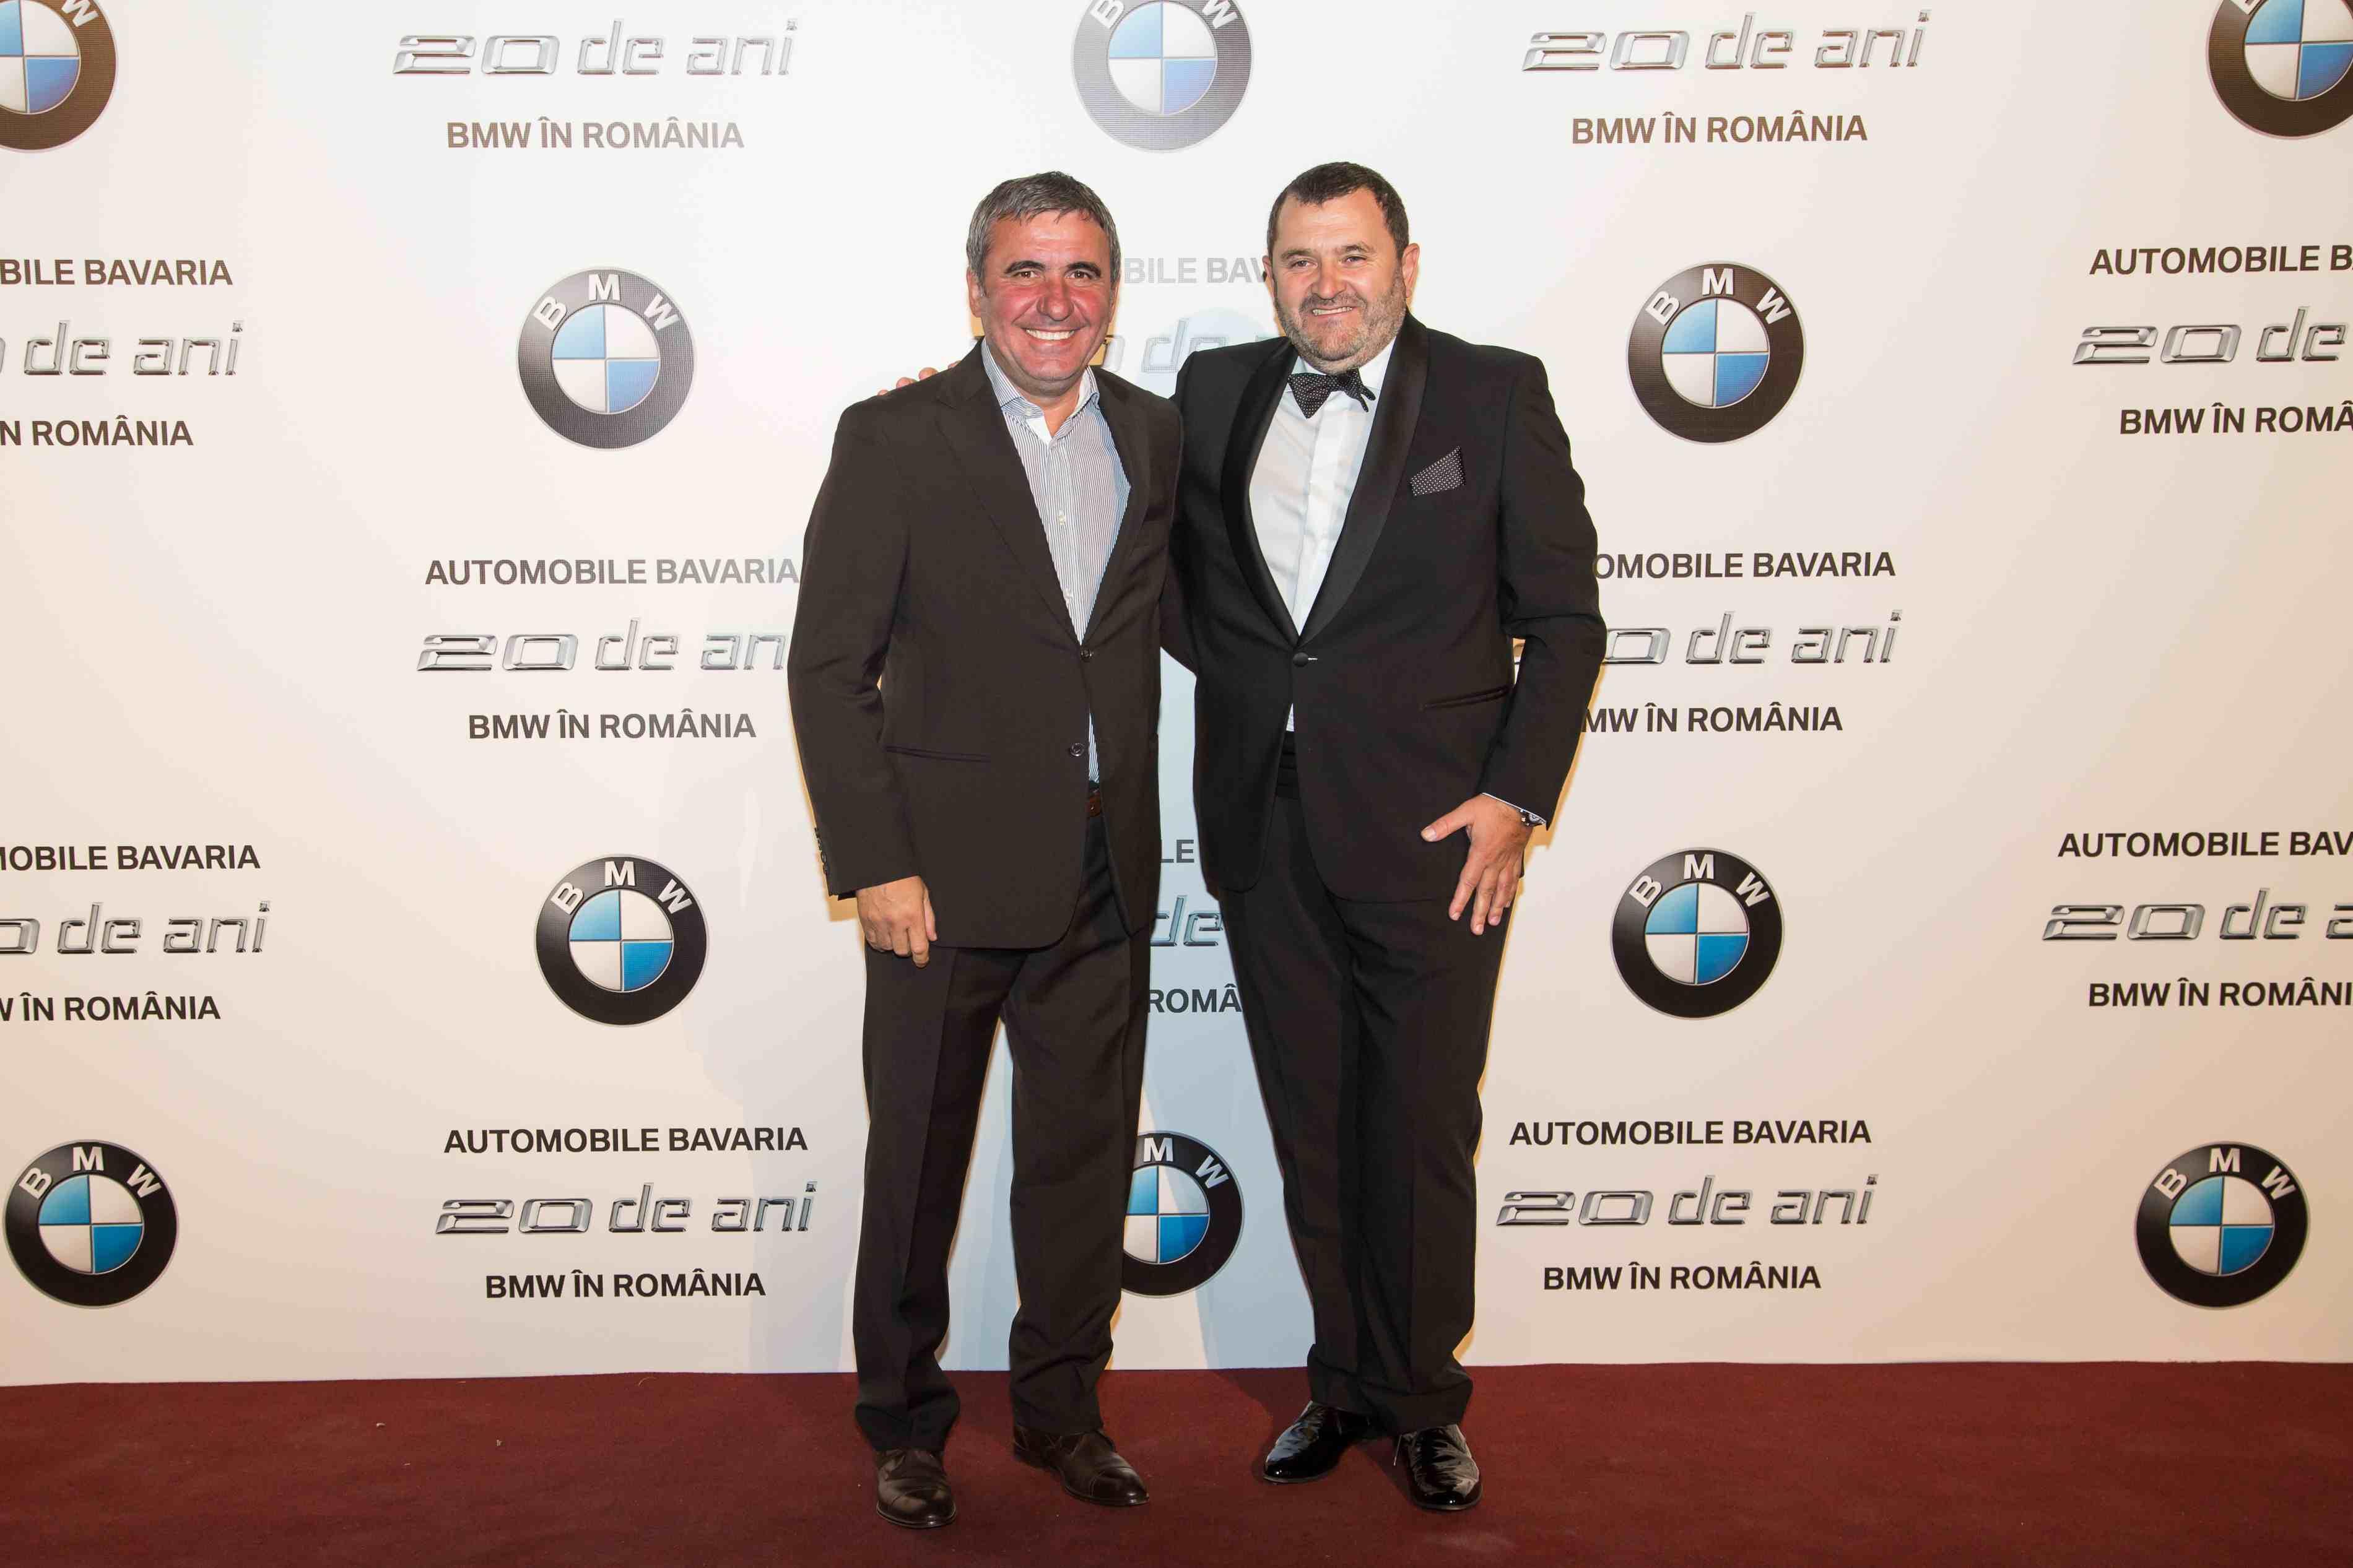 Cum a fost la Gala Automobile Bavaria, 20 de ani